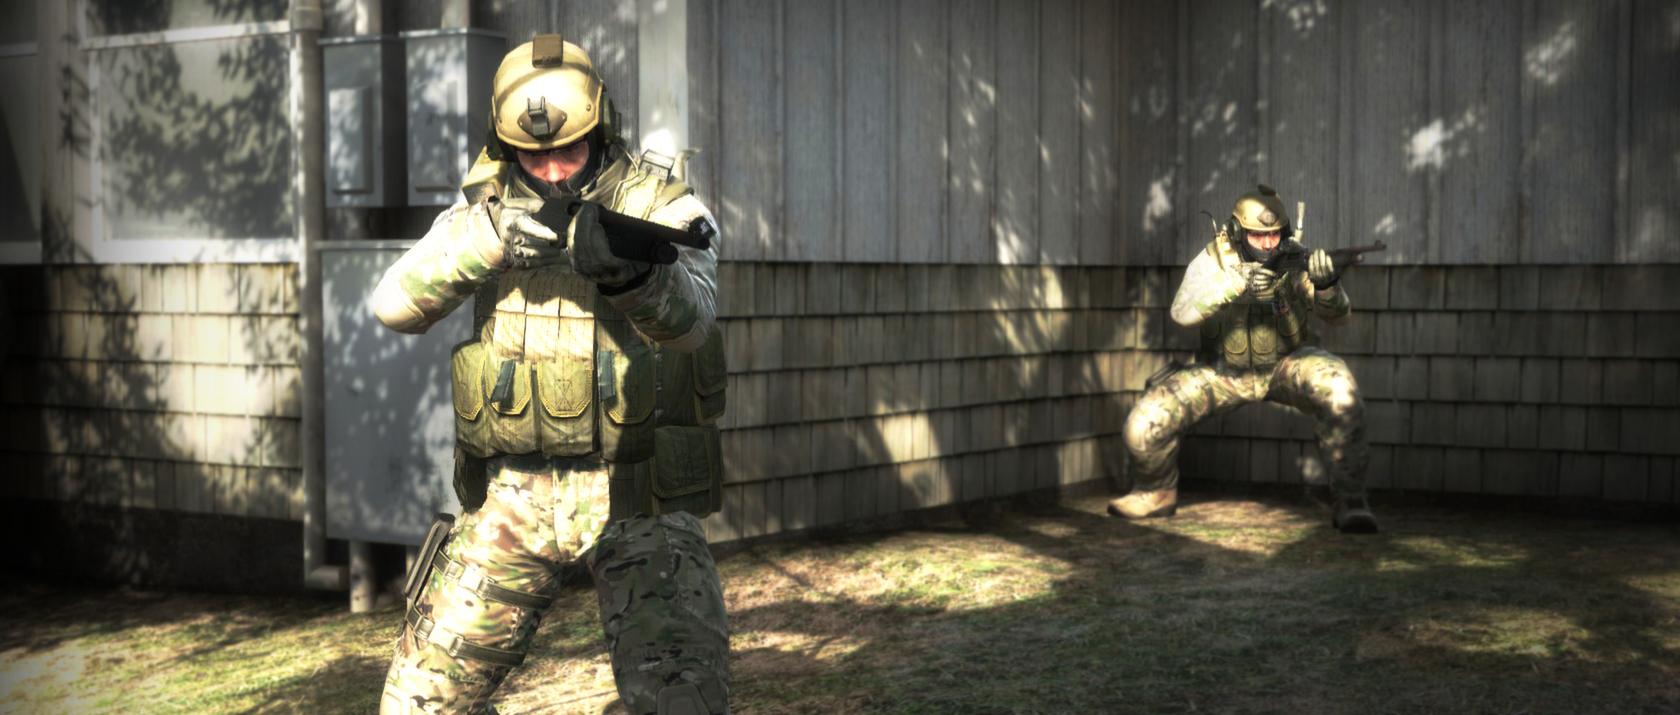 Фанат CS:GO сделал эффектный скин для MP5